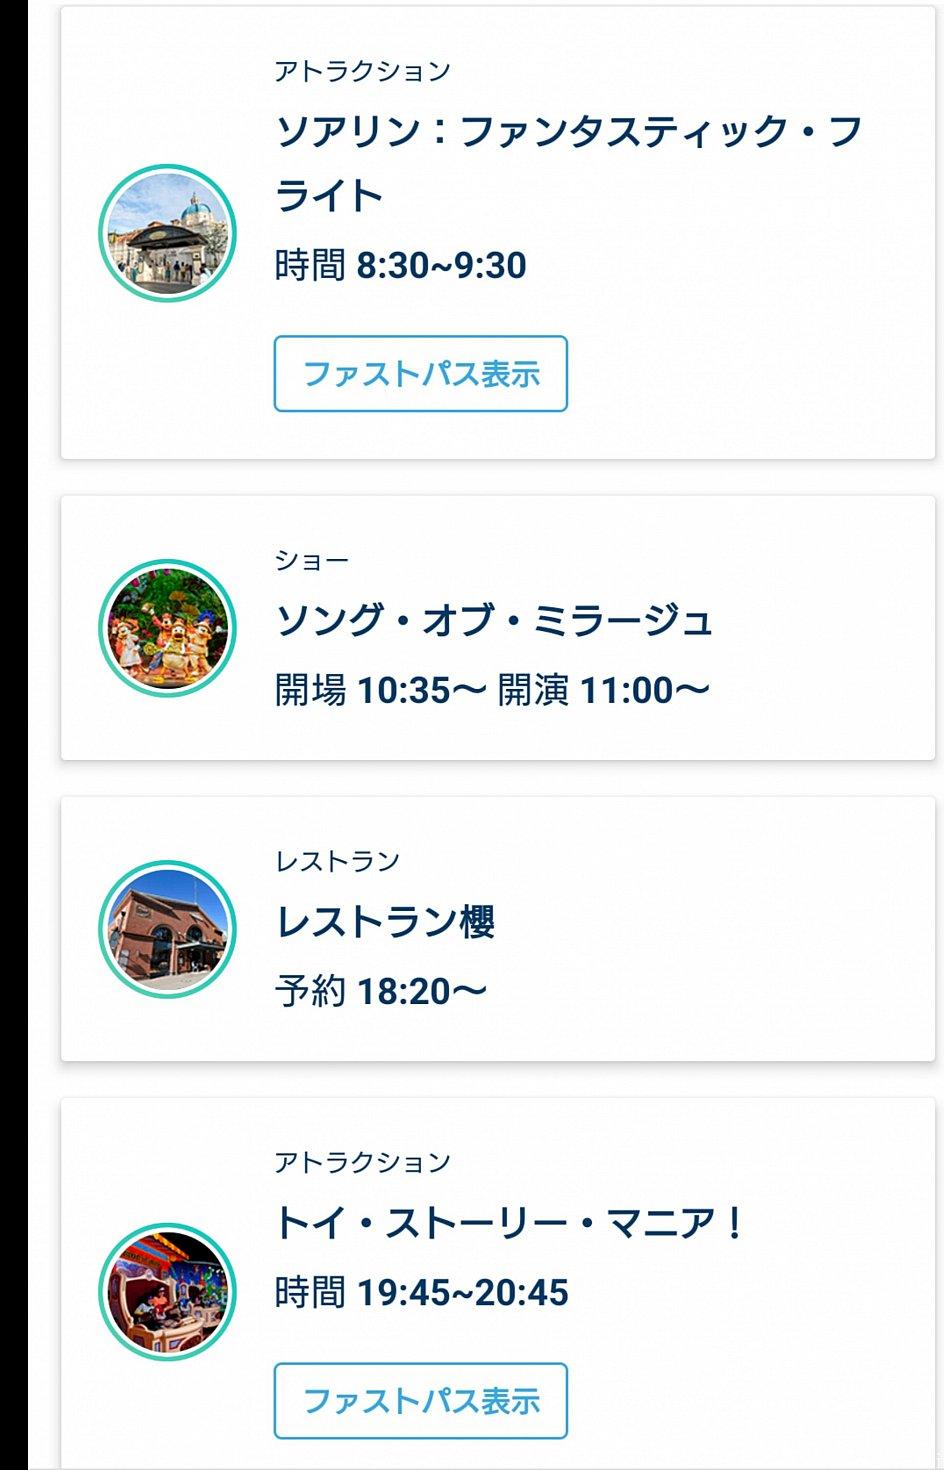 アプリには、その日に予約しているレストランや抽選に当たったショー、取得できたファストパスがどんどん追加され、ファストパスは使用後も画面には履歴として残っています。